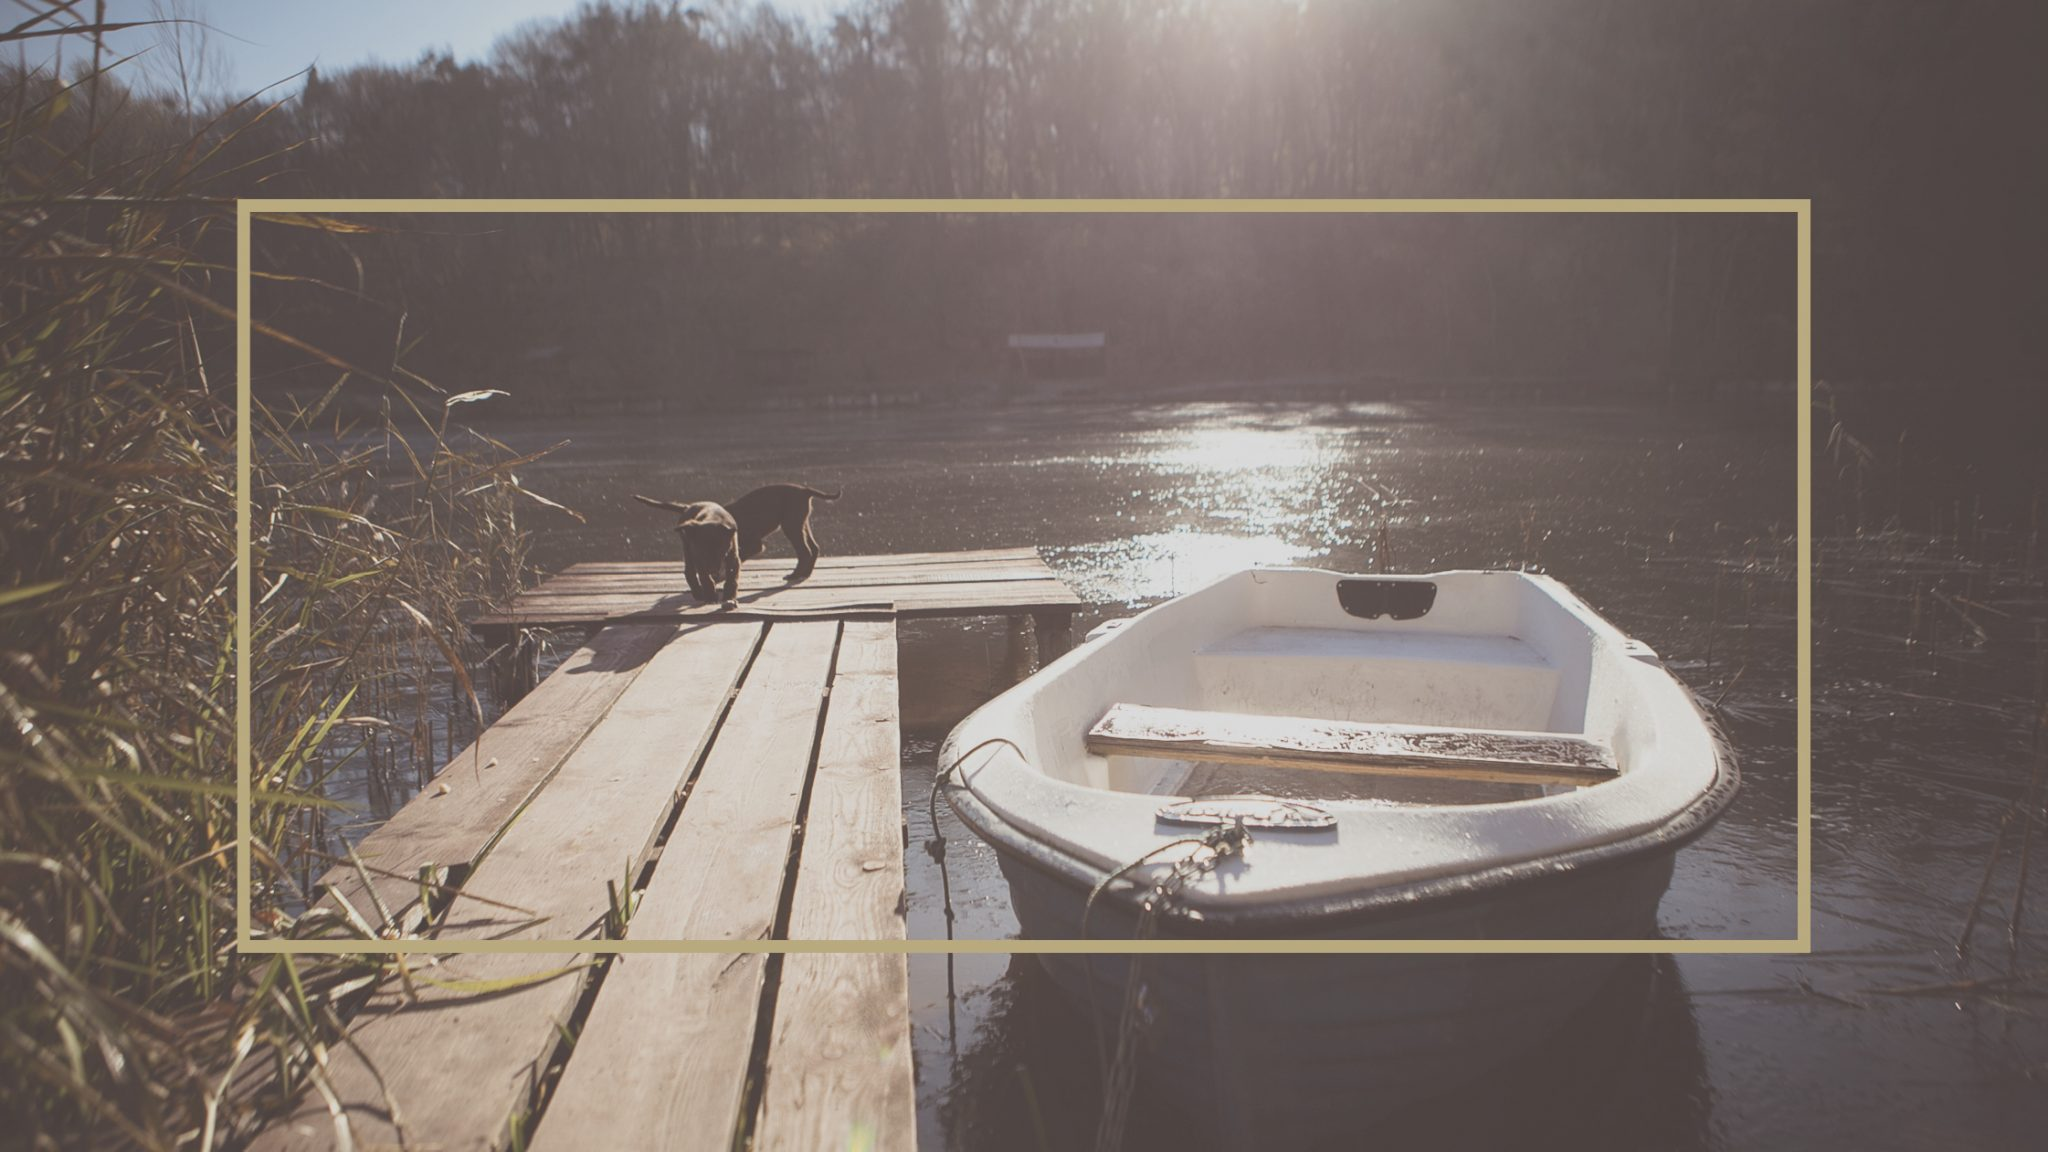 Association du lac chapleau choses savoir avant de - Choses a savoir avant de peindre une piece ...